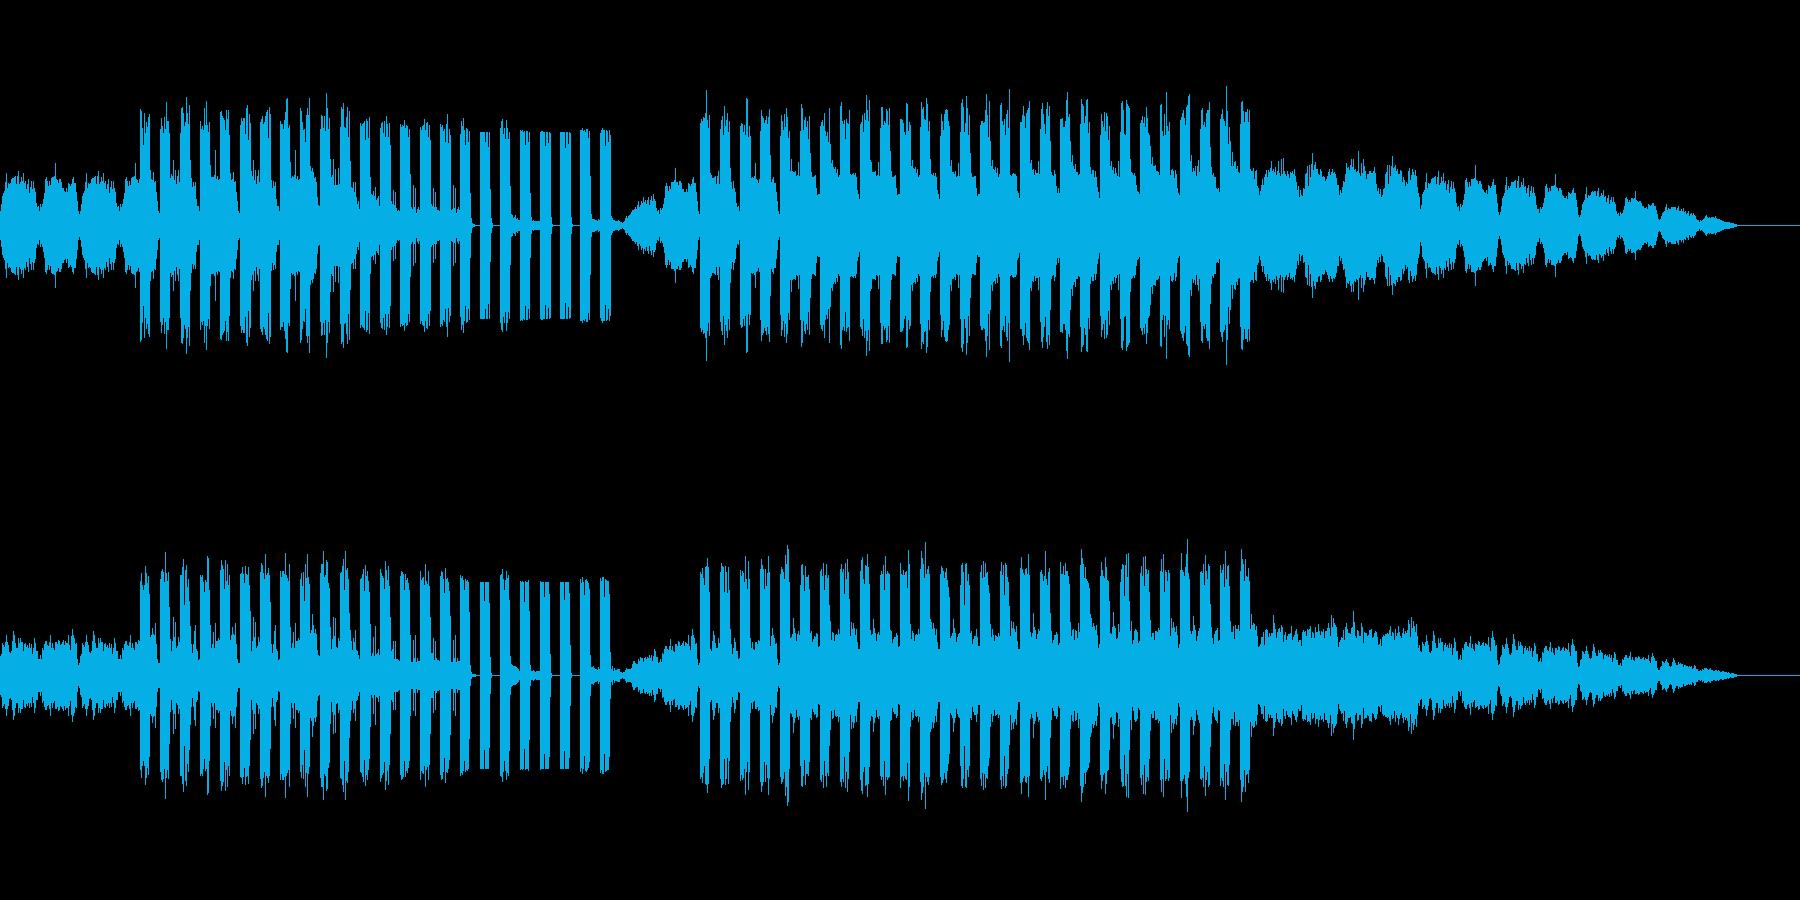 ゆったりでやや不穏な印象の電子音楽の再生済みの波形